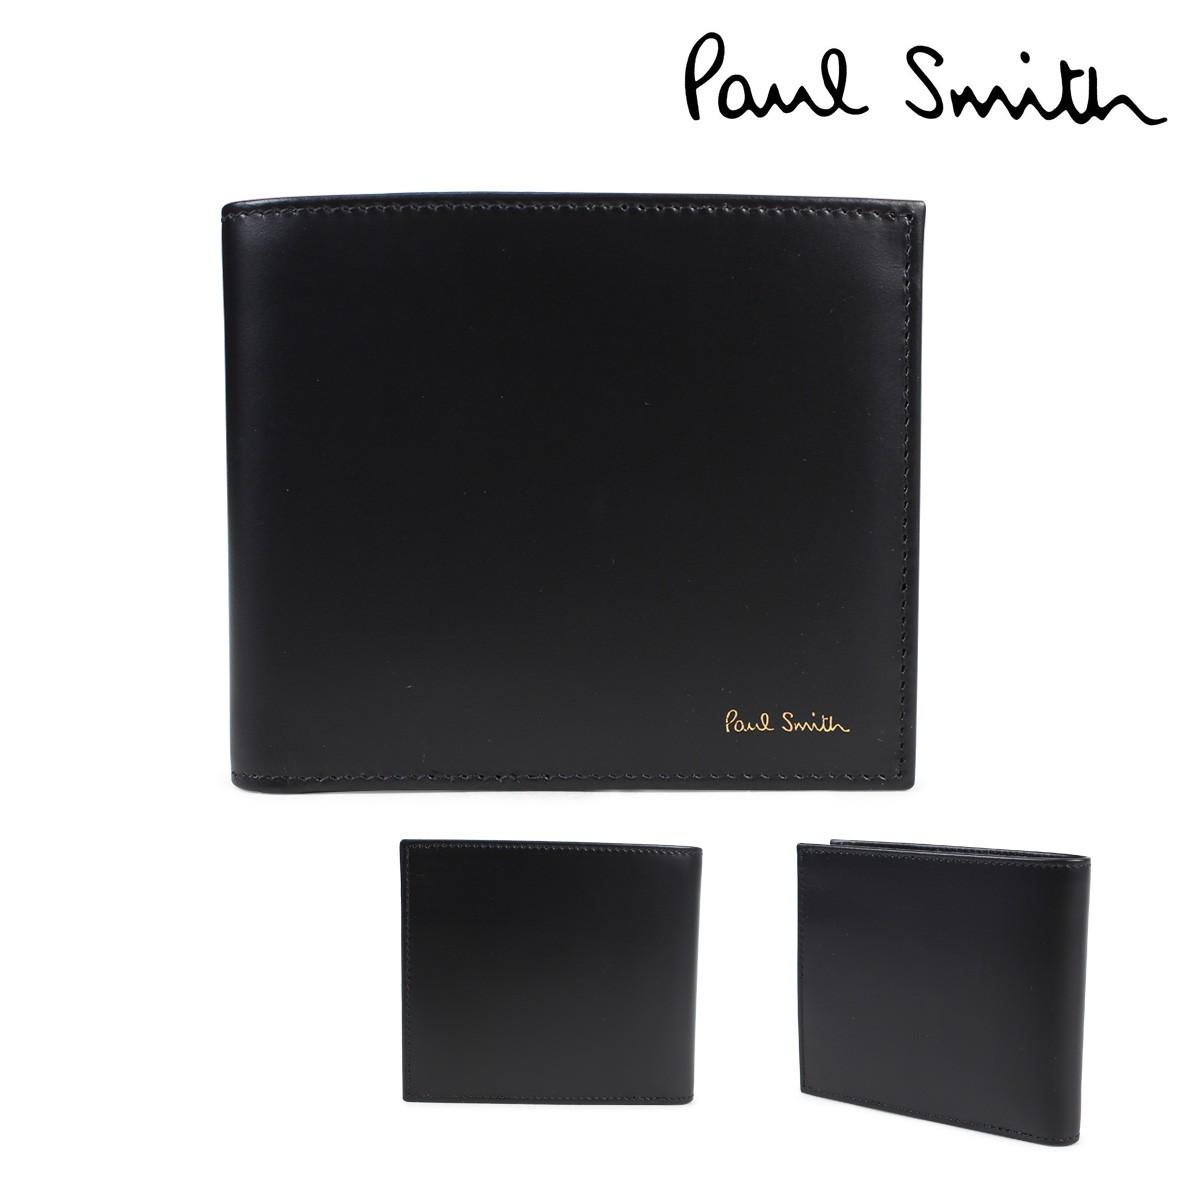 ポールスミス 財布 メンズ 二つ折り Paul Smith SMART WALLET レザー ブラック 4833 W761A 79 [1/23 新入荷]